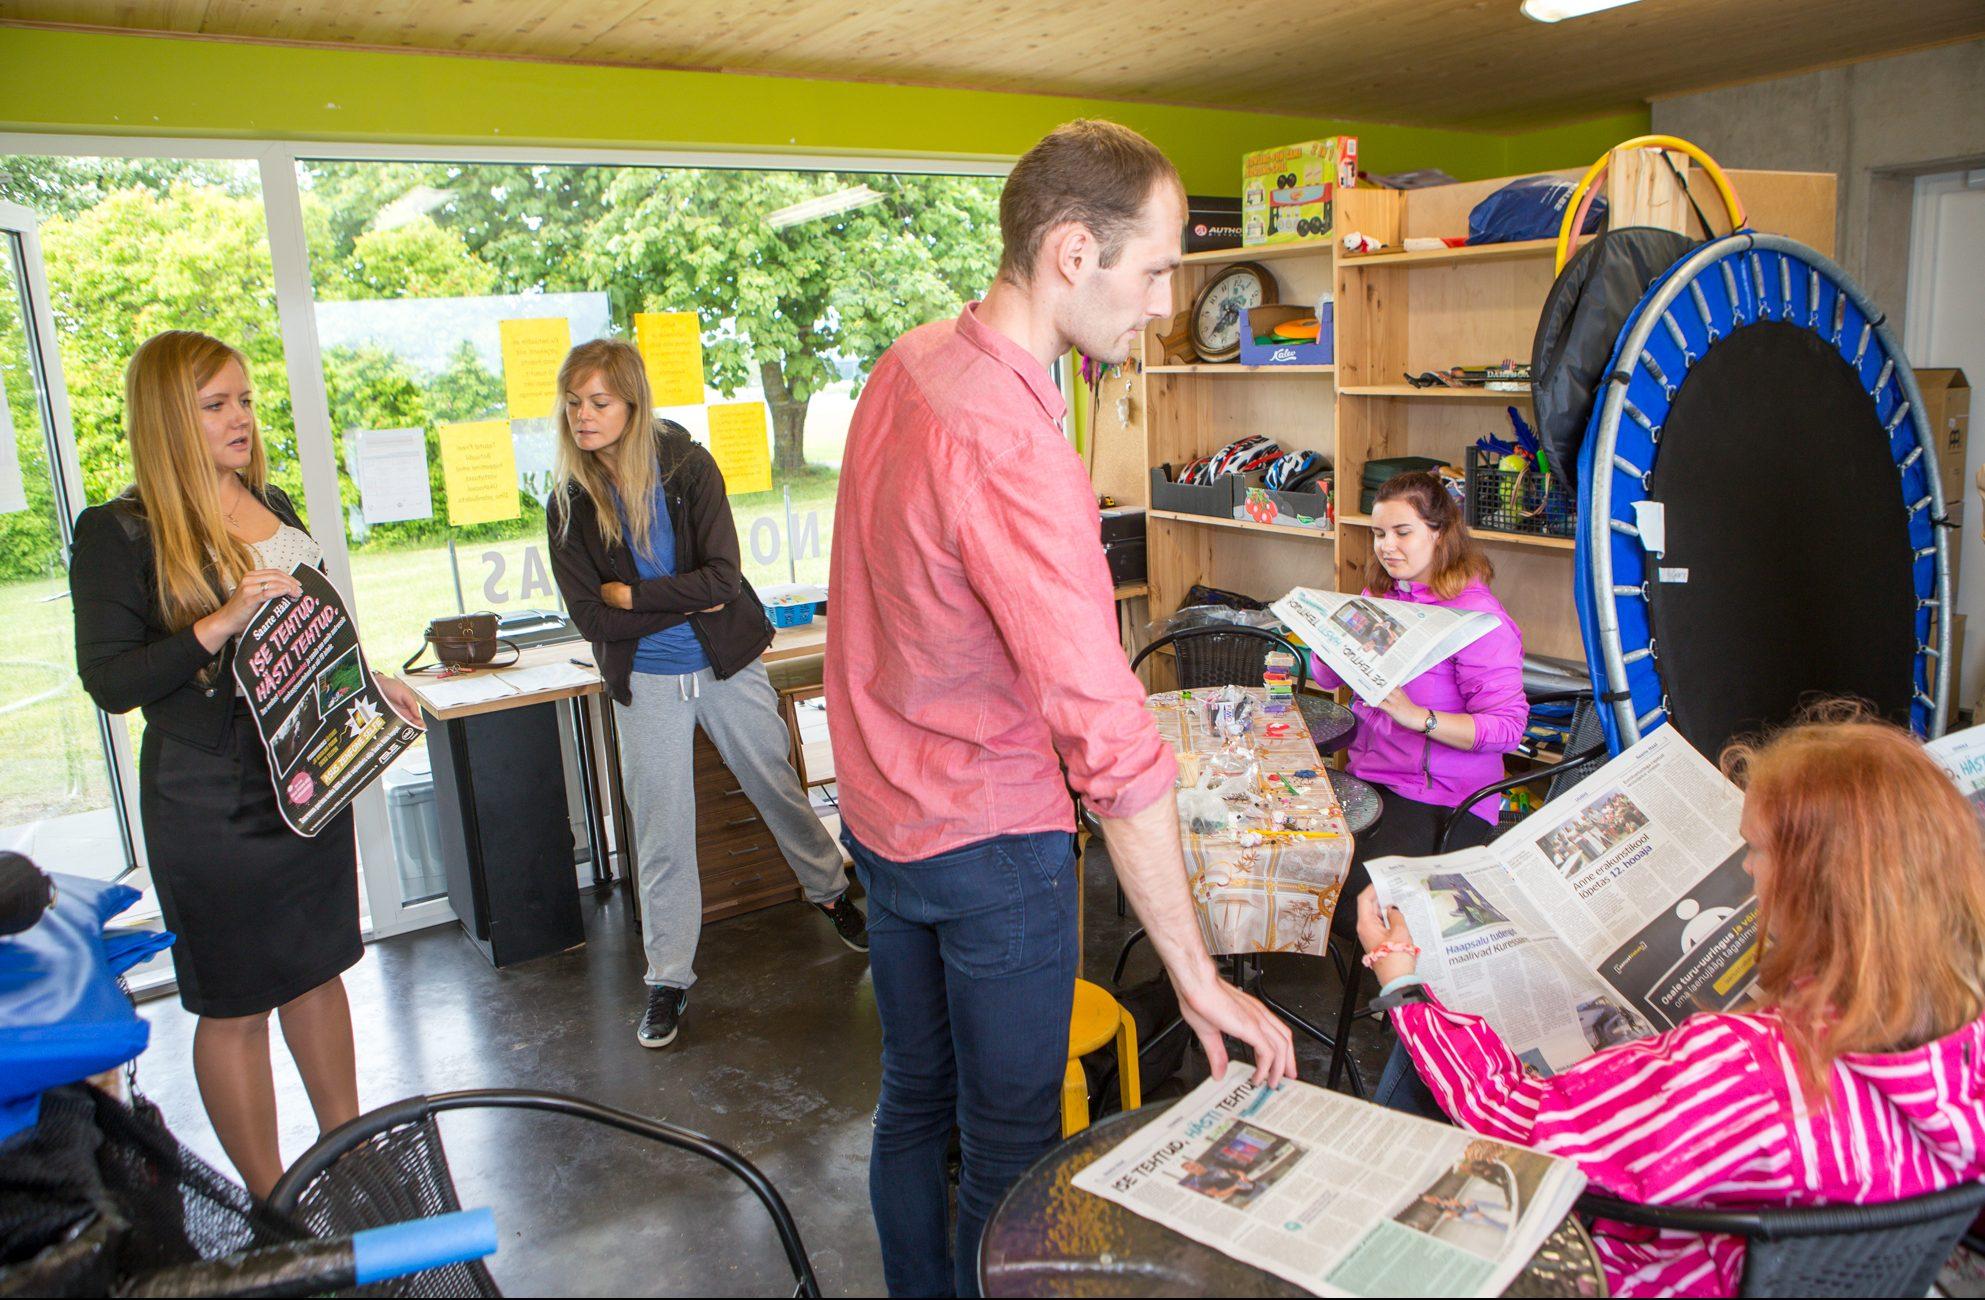 """Saarte Hääle ajakirjanikud Kertu Kalmus ja Raido Kahm käisid eile Kuressaare rannanoorteka kutsel Titerannas tutvustamas noortele suvist enekakonkurssi """"Ise tehtud. Hästi tehtud."""". Vaatamata sompus ilmale kohal olnud noored kuulasid vahvliküpsetamise […]"""